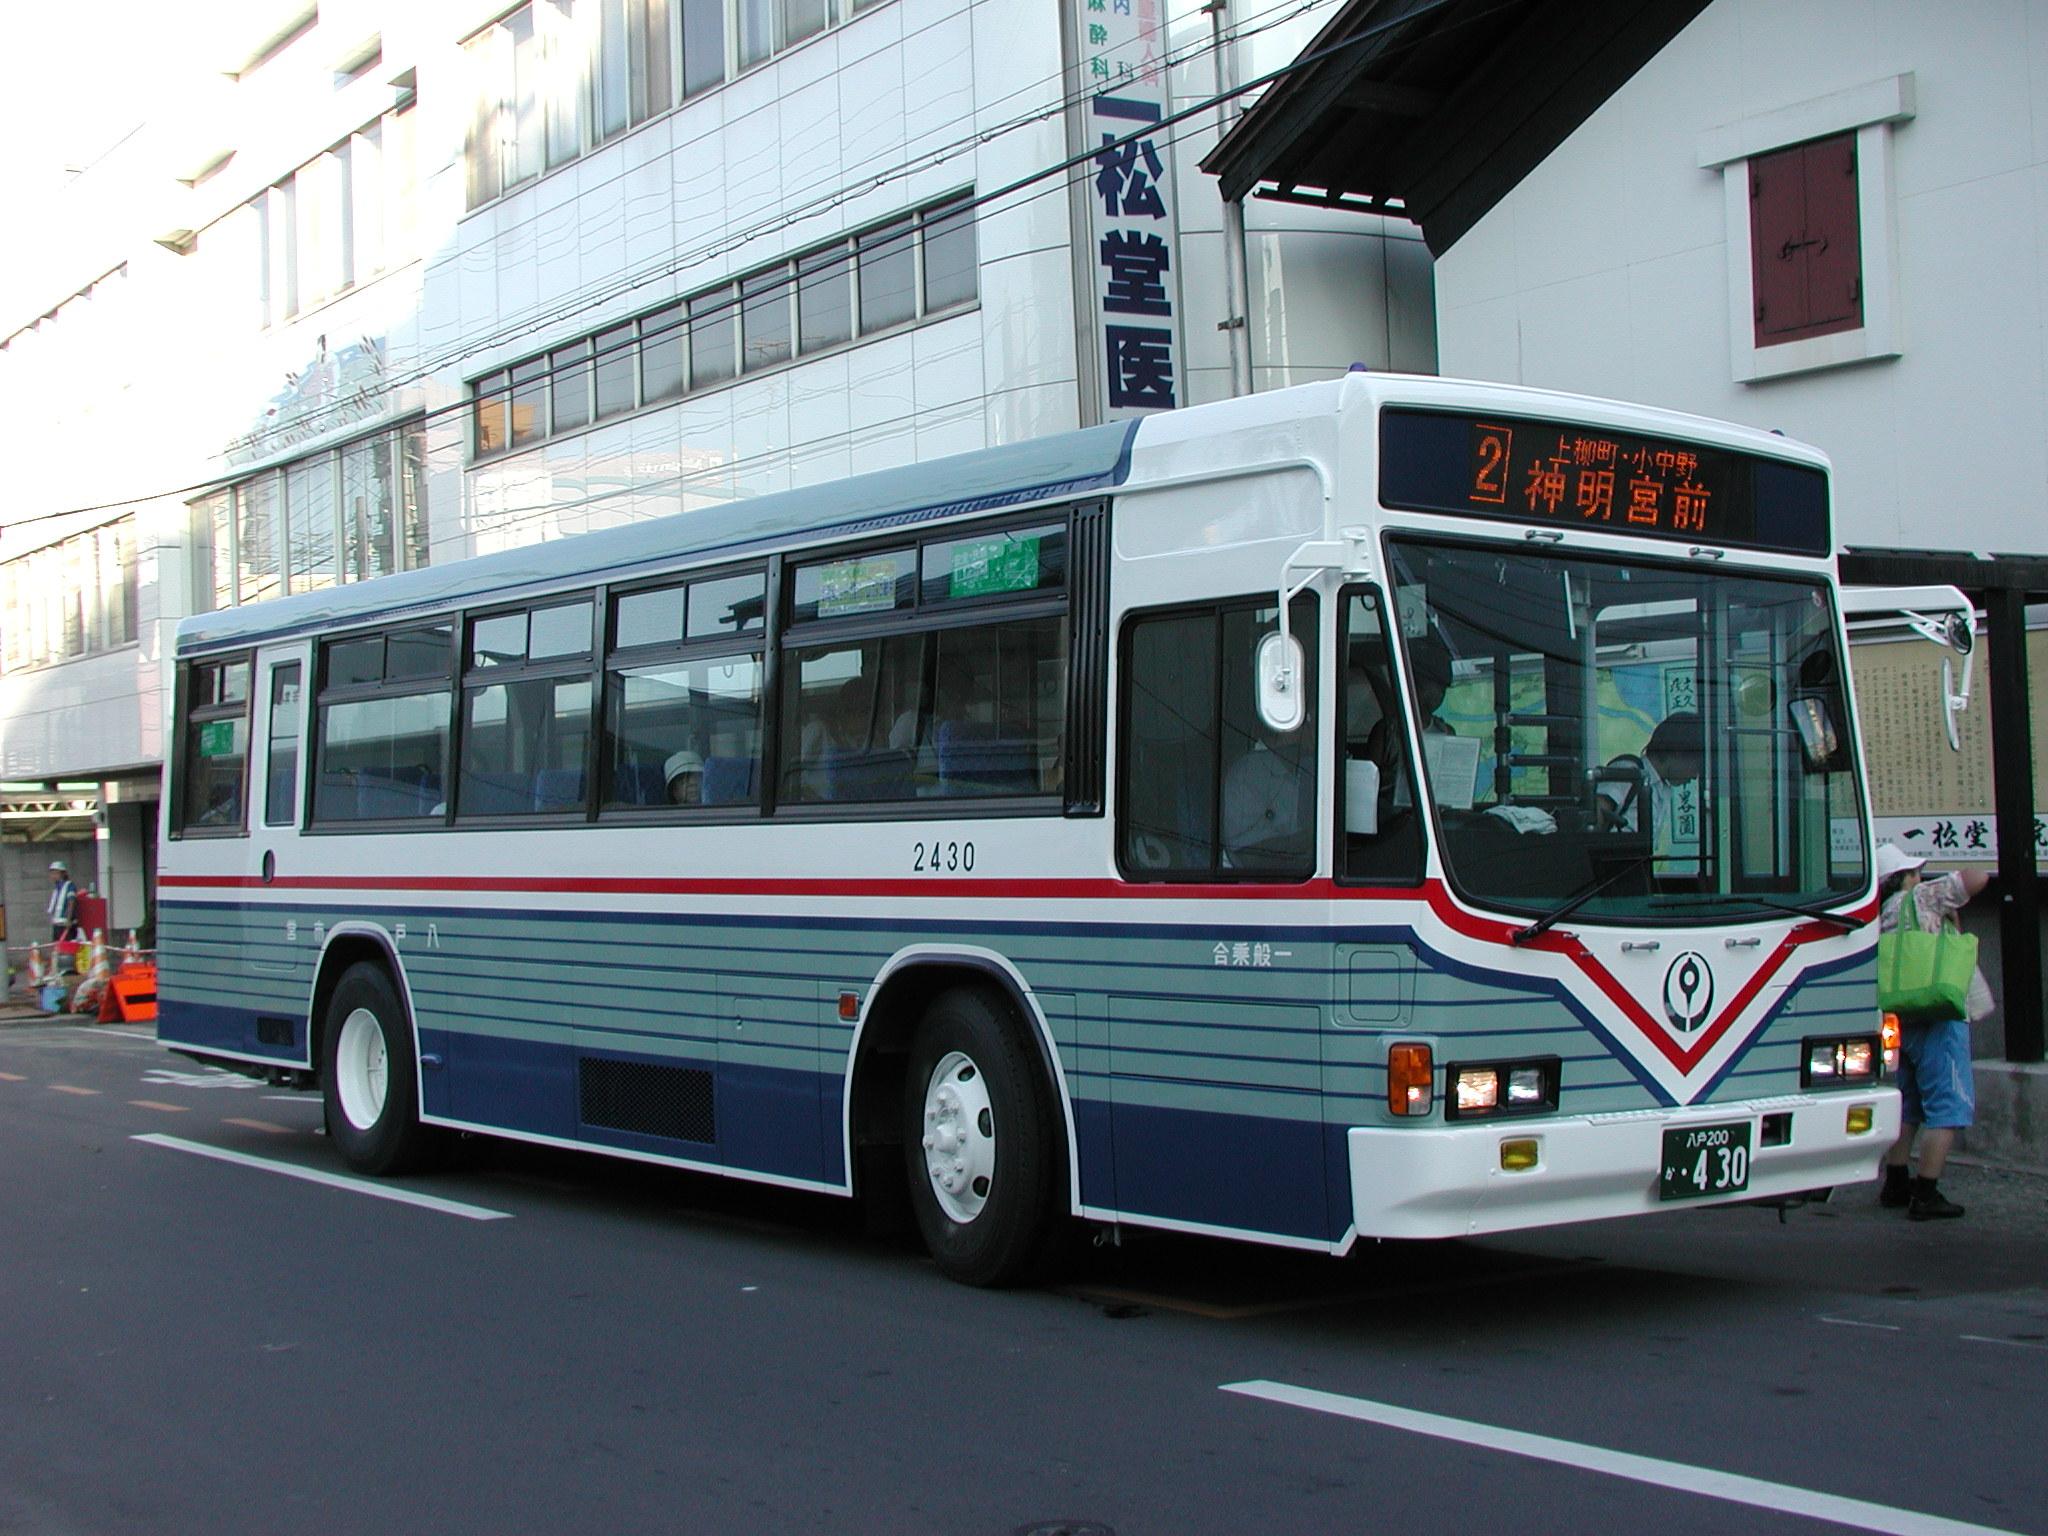 ファイル hachinohecitybus u lv324l no 2430 jpg wikipedia